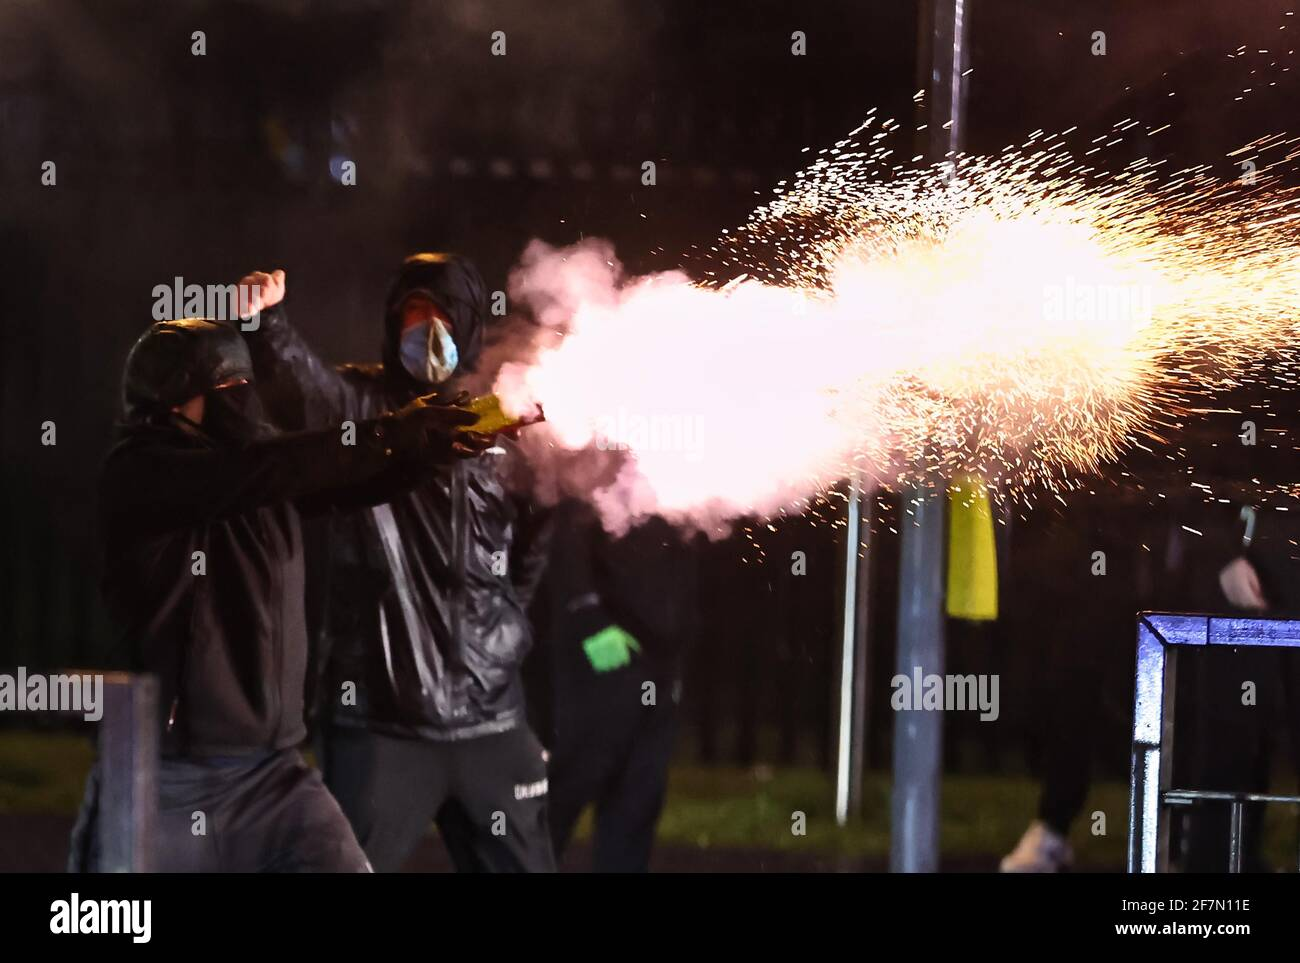 Giovani fuochi d'artificio al PSNI sulla strada Springfield, durante ulteriori disordini a Belfast. Data immagine: Giovedì 8 aprile 2021. Foto Stock